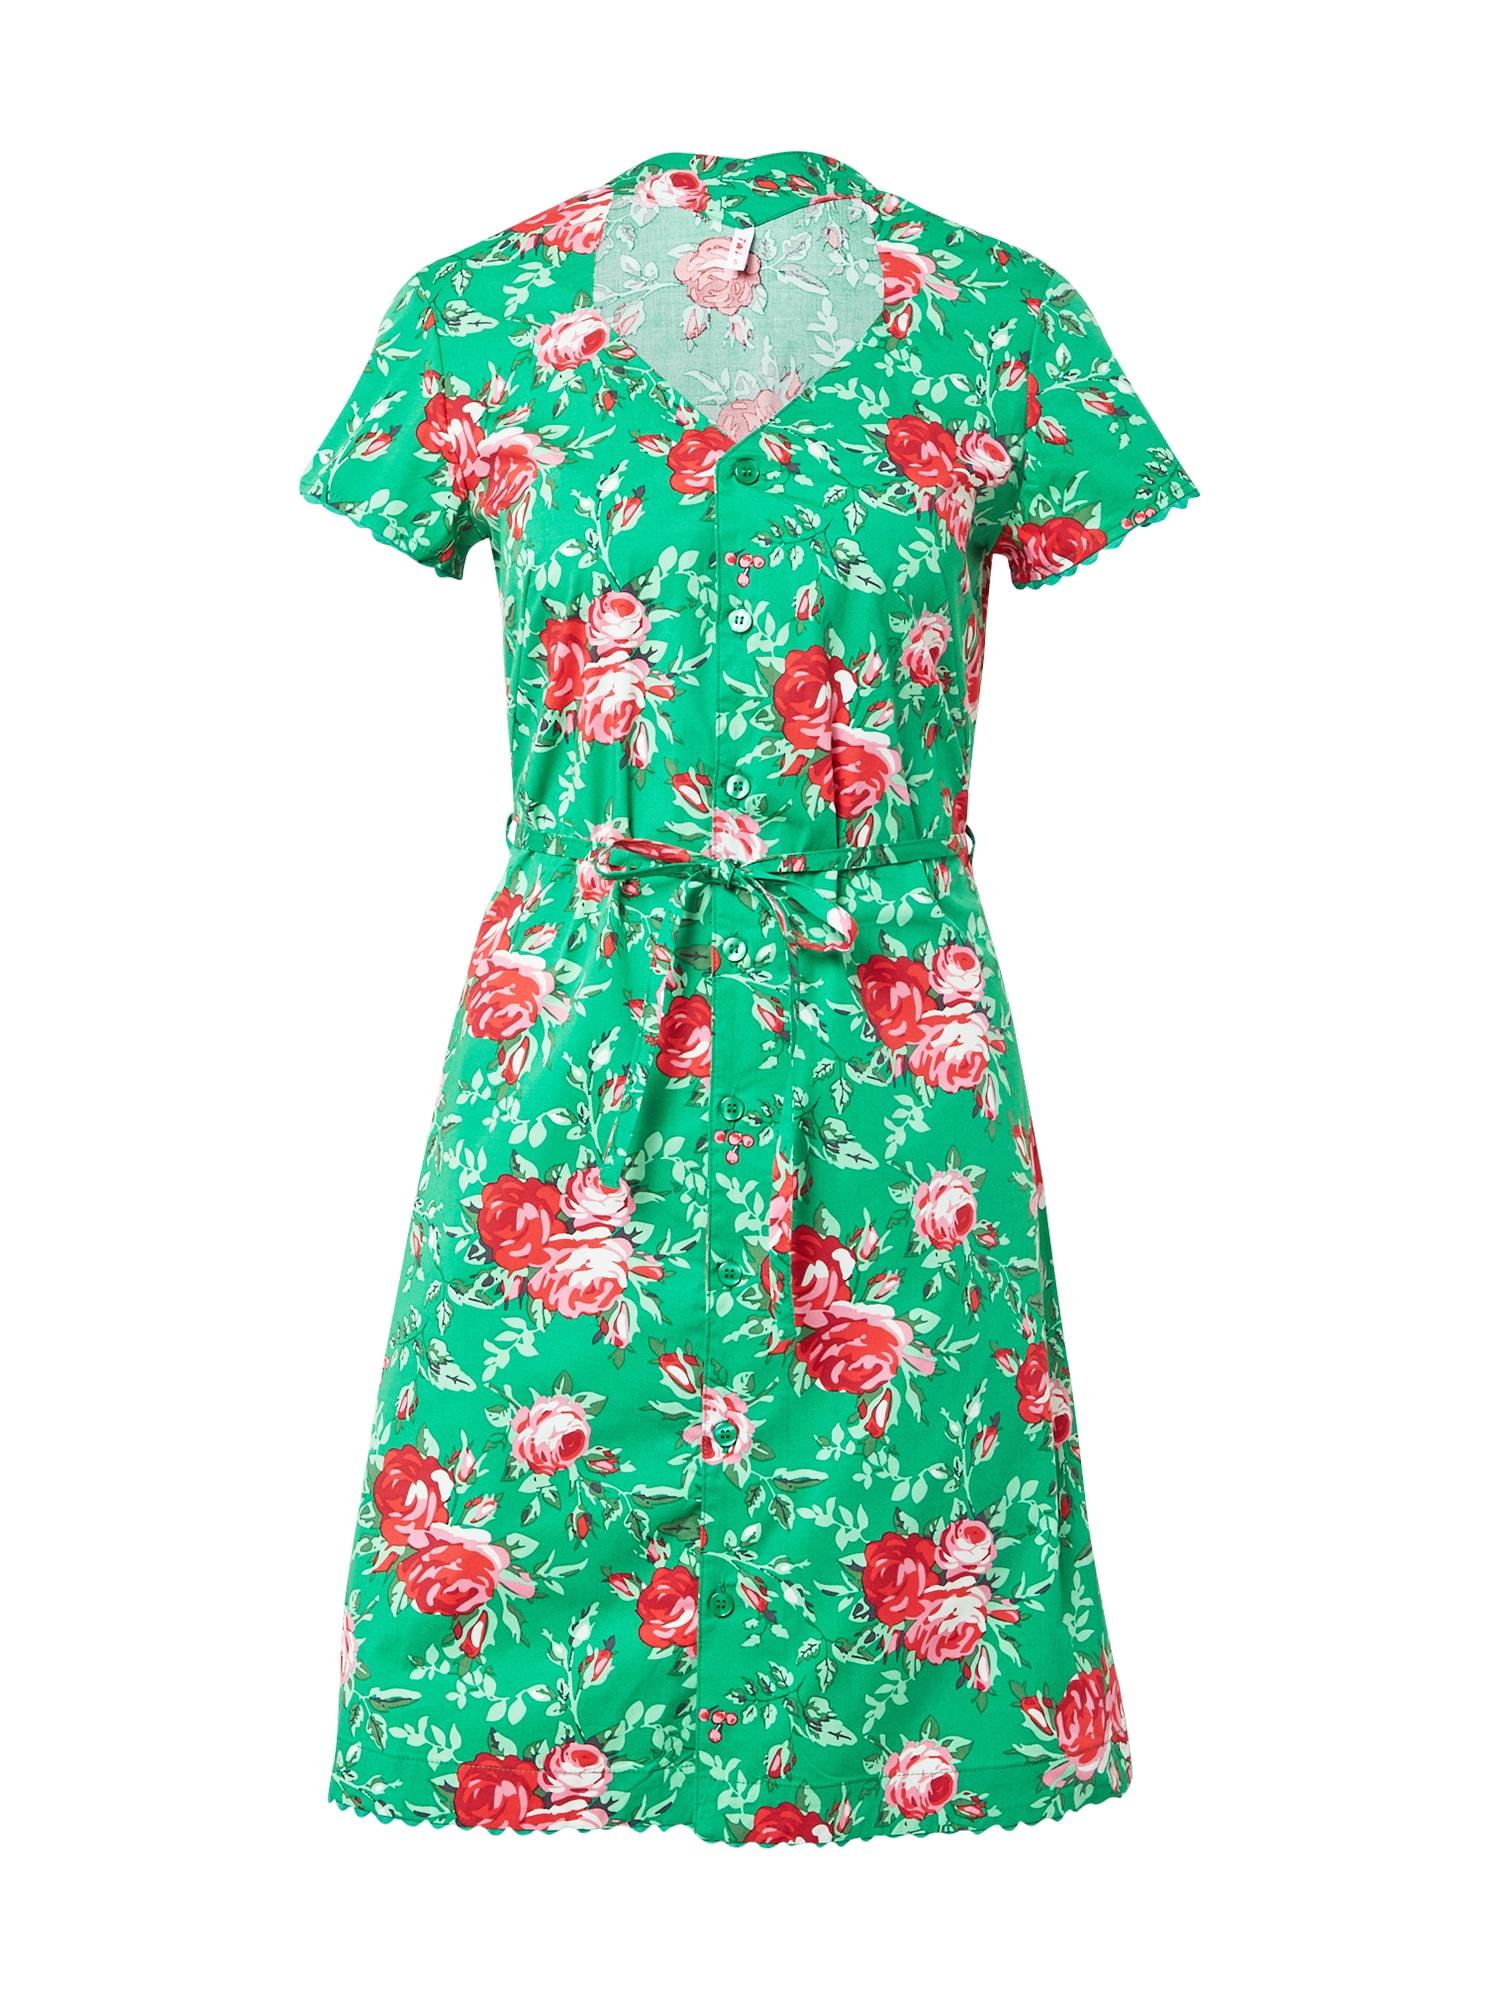 Blutsgeschwister Palaidinės tipo suknelė